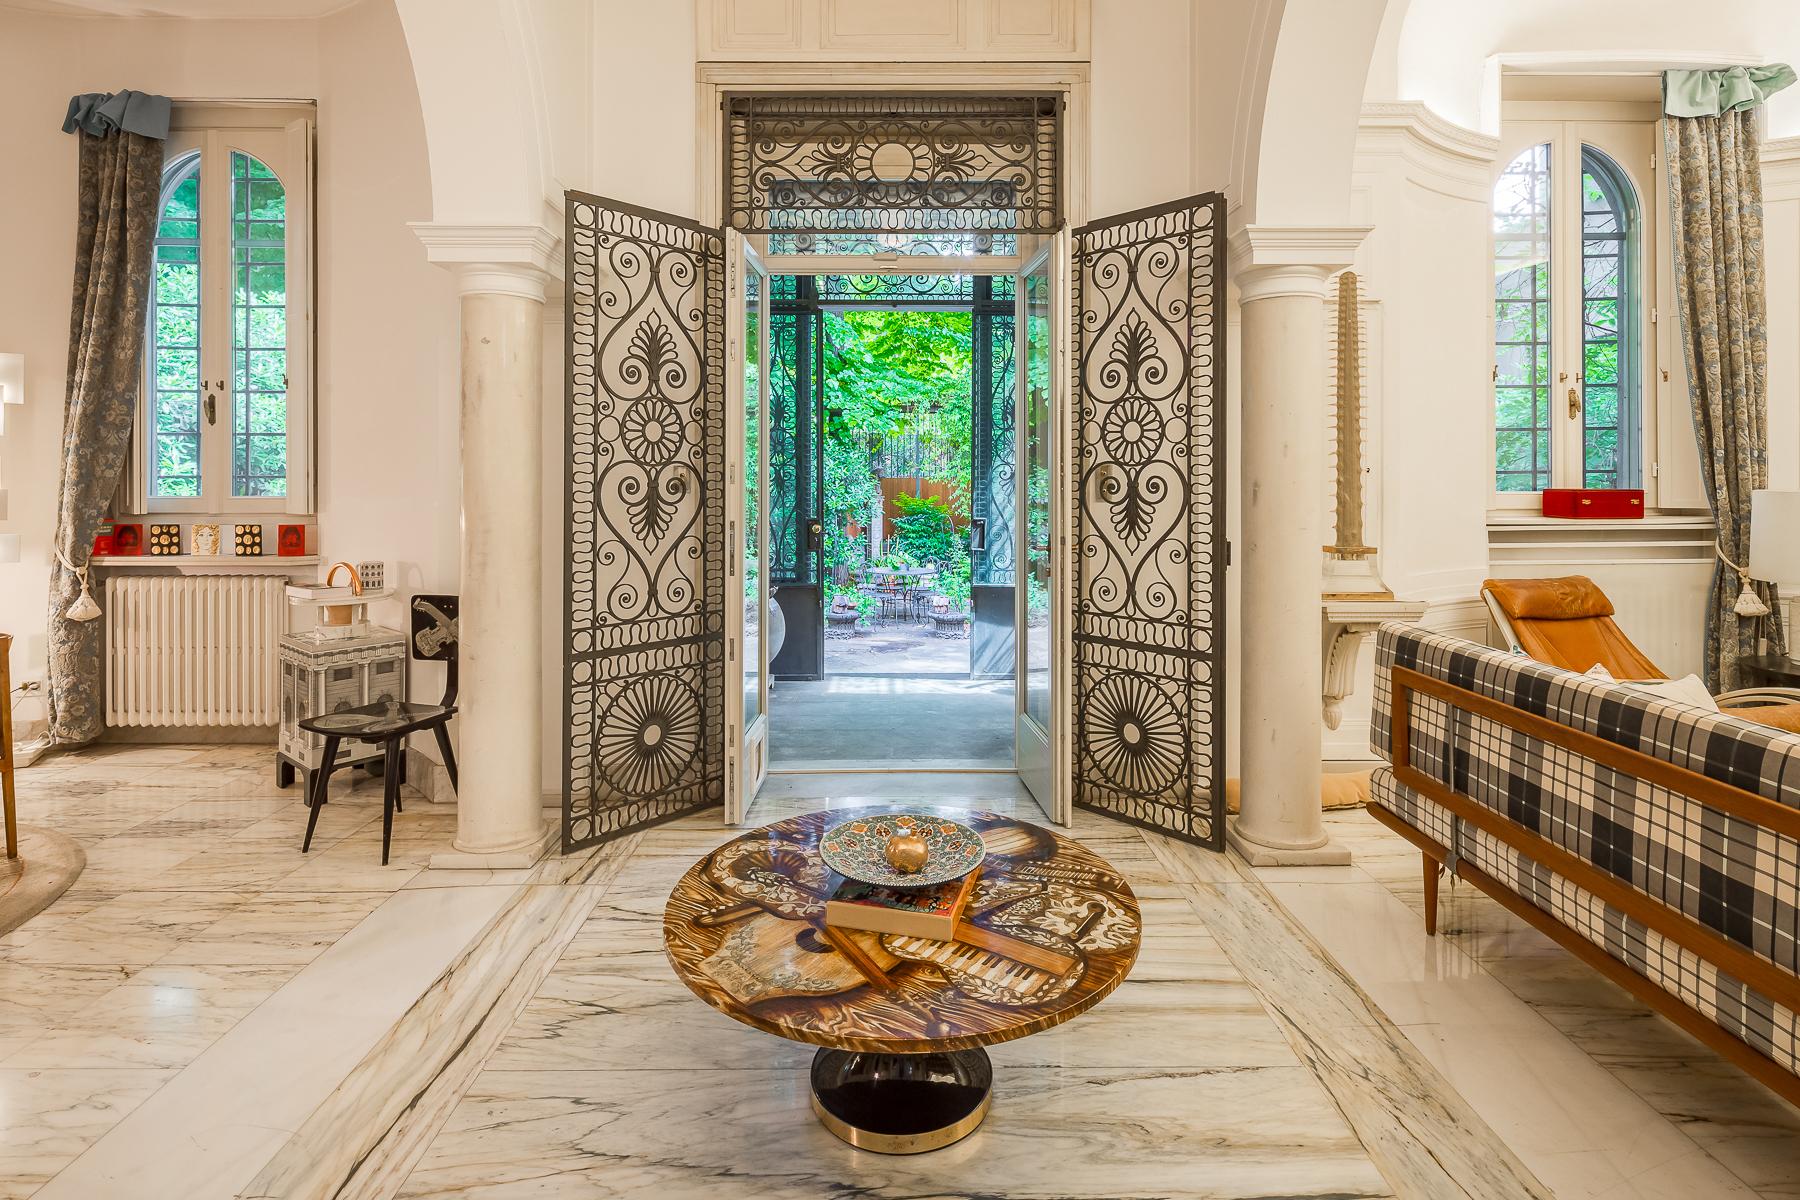 Casa indipendente in Affitto a Milano 03 Venezia / Piave / Buenos Aires: 5 locali, 445 mq